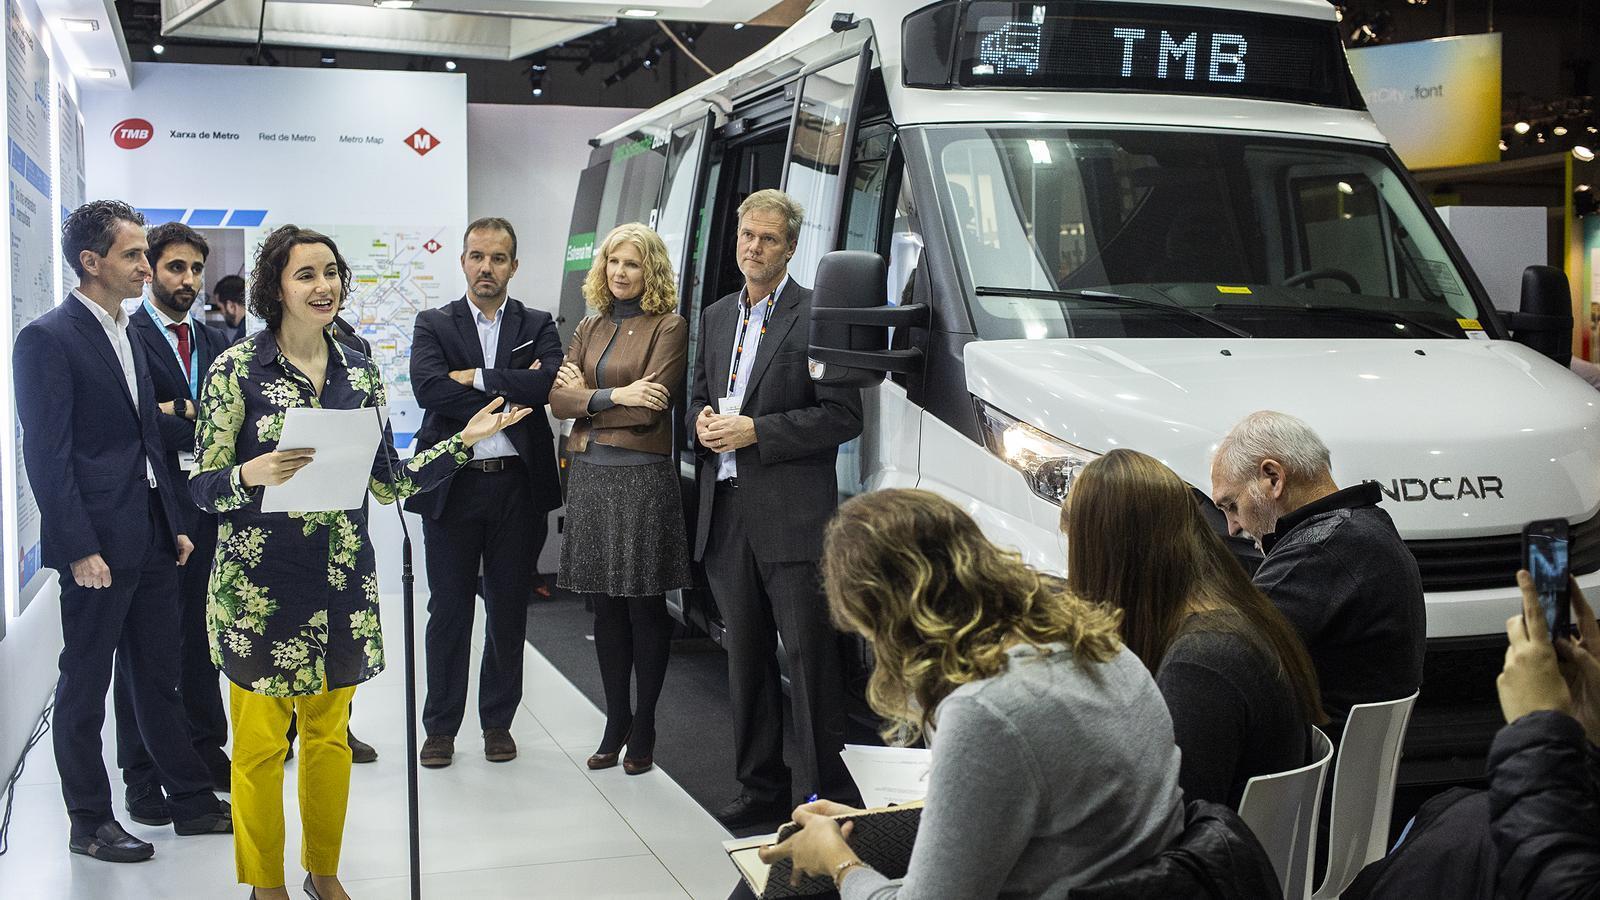 TMB ha presentat avui el minibus en l'Smart Mobility Congress